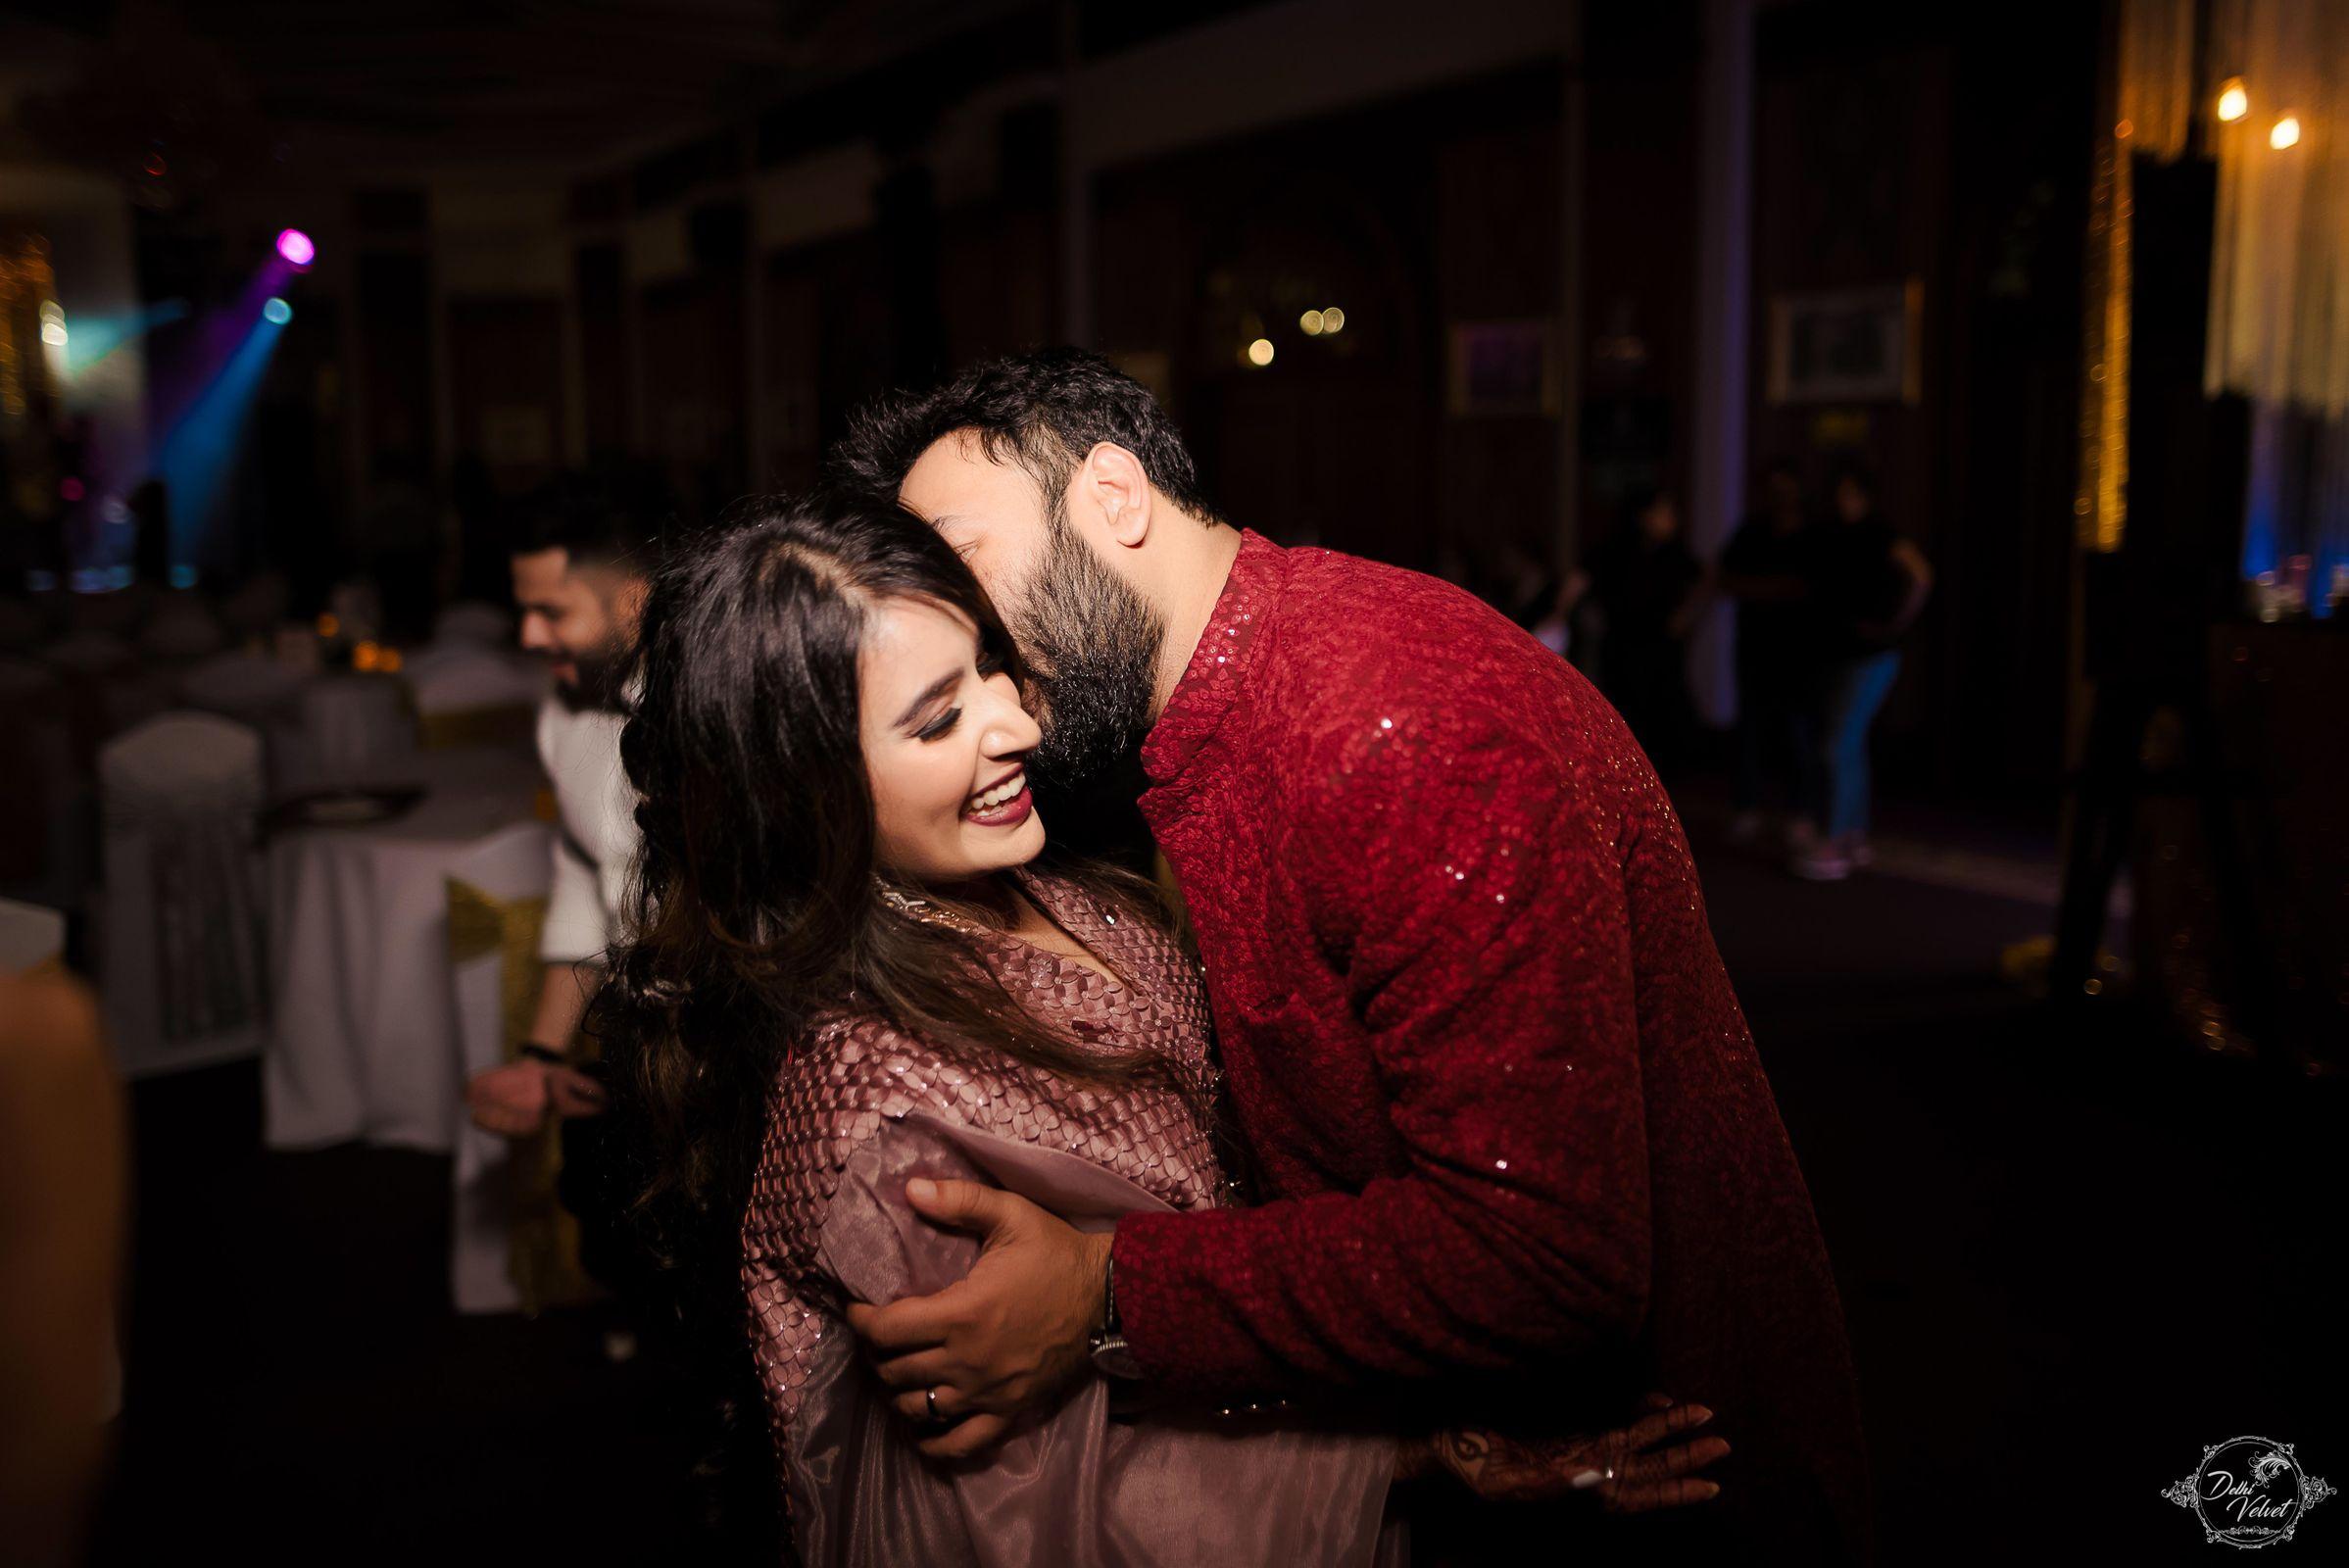 happy wedding images